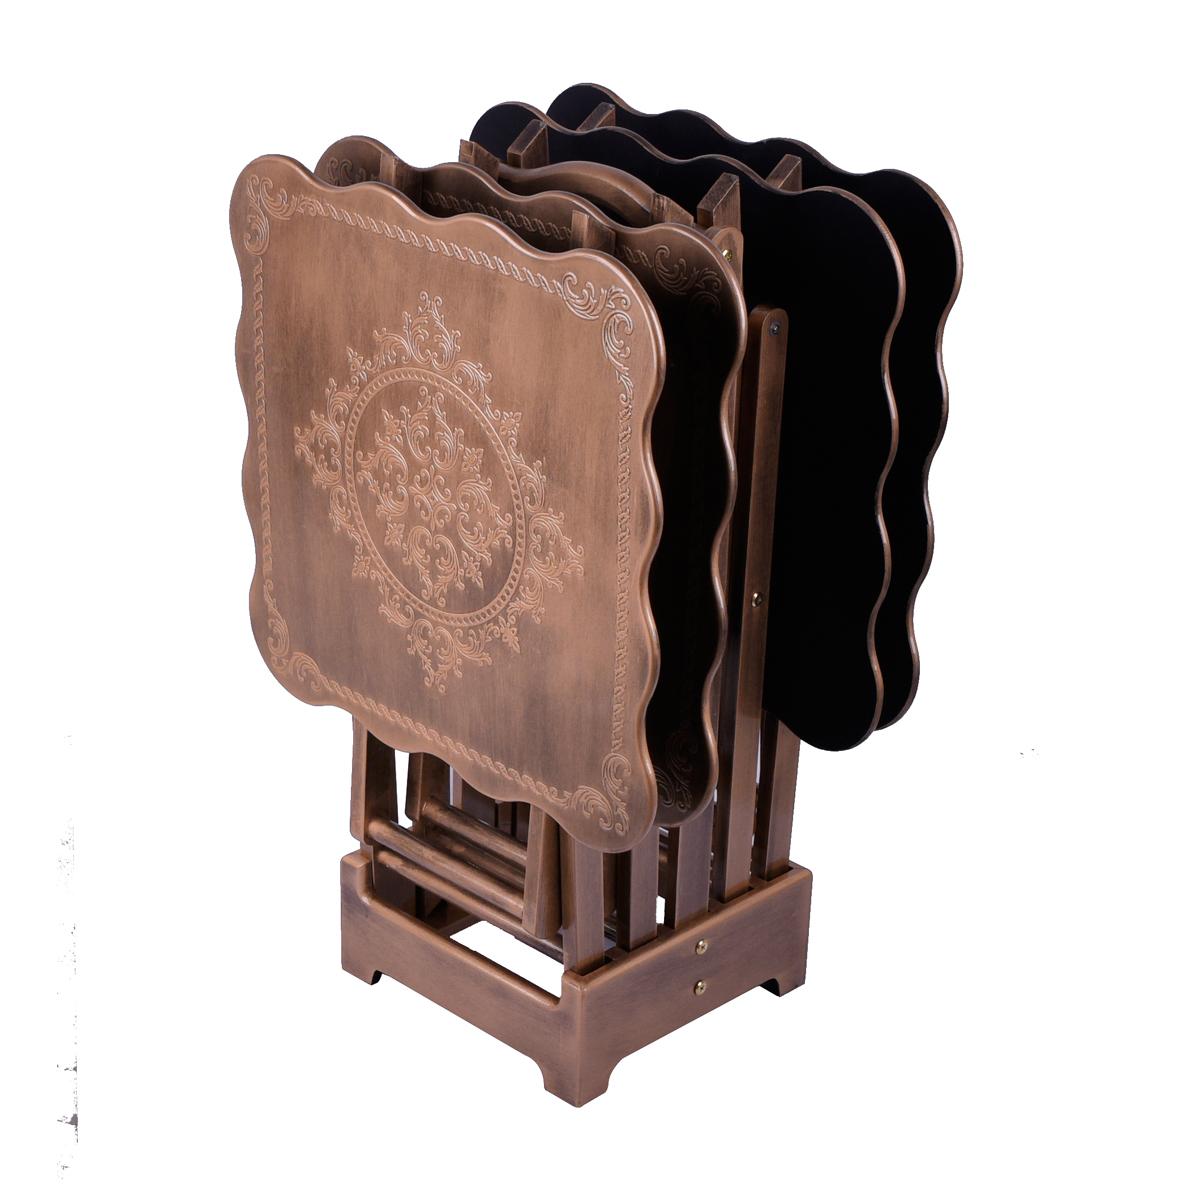 طقم طاولة تقديم وخدمة خشب مربعه مع شنطة , 4 طاولات - بسطح مزخرف